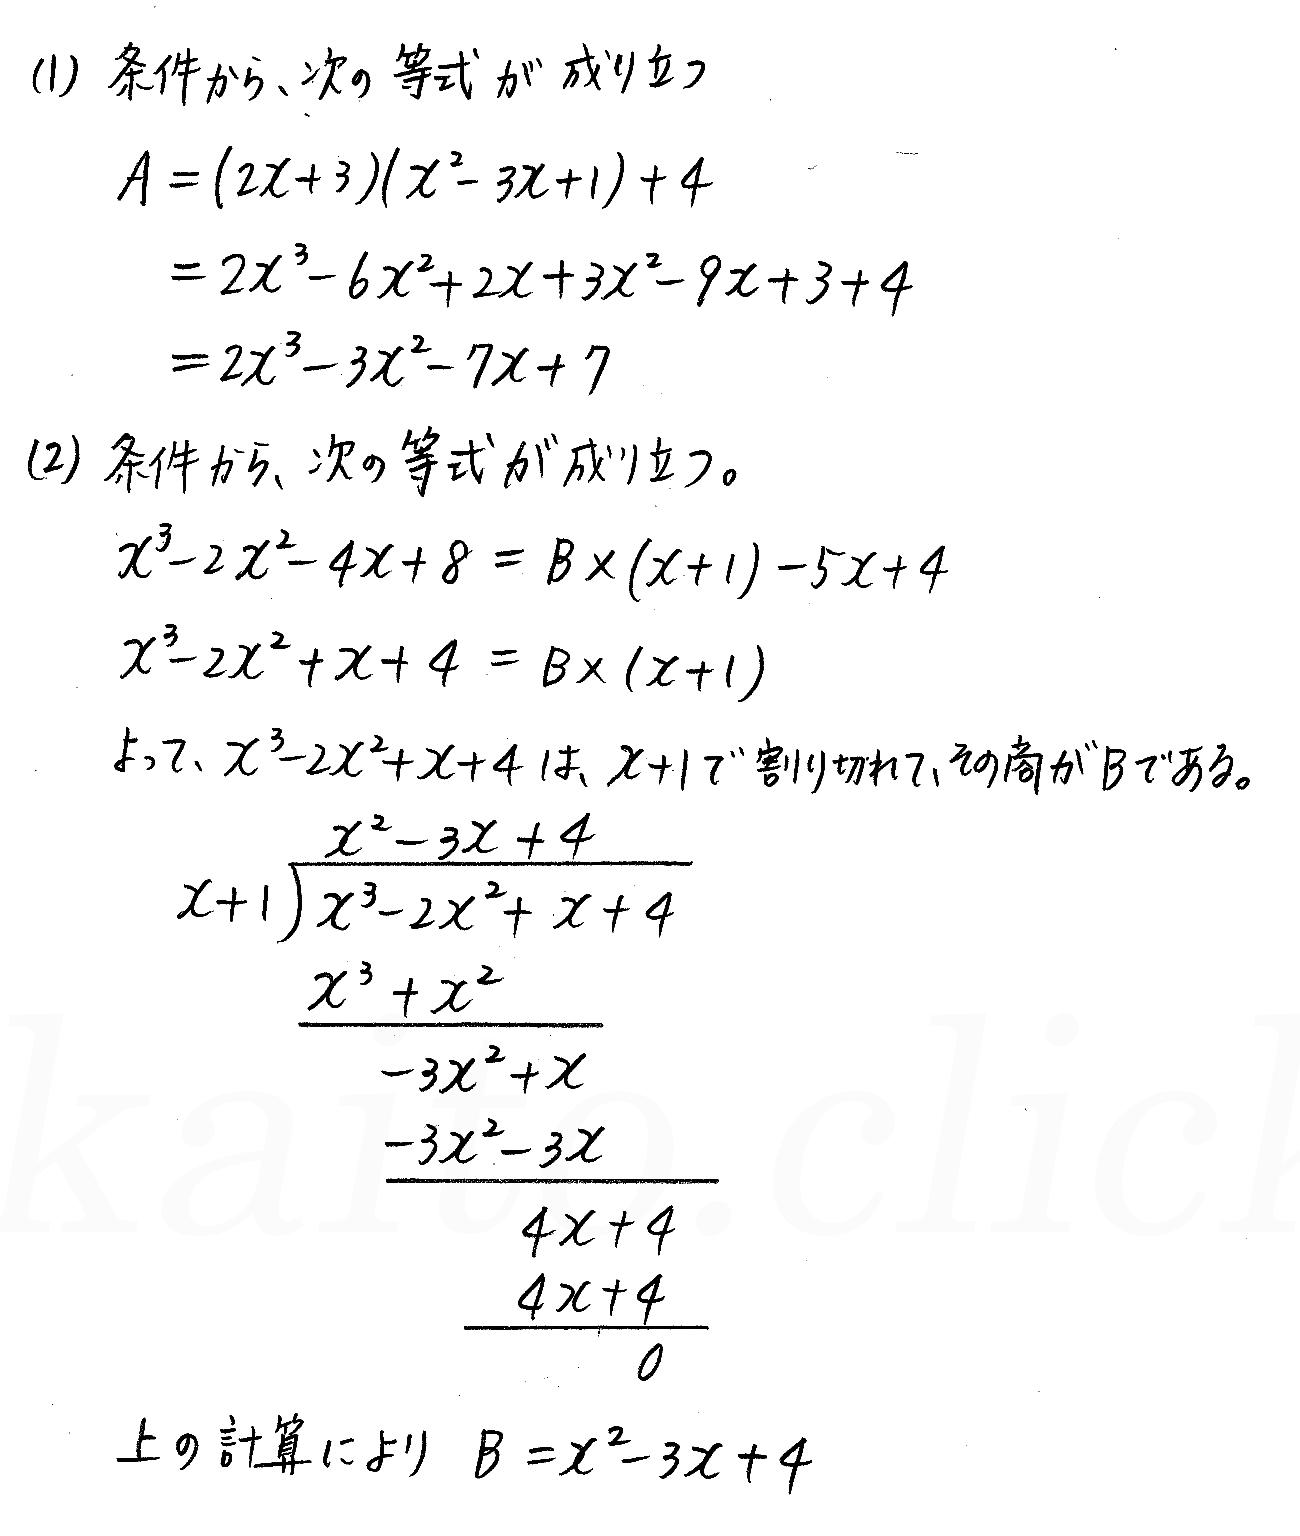 クリアー数学2-22解答